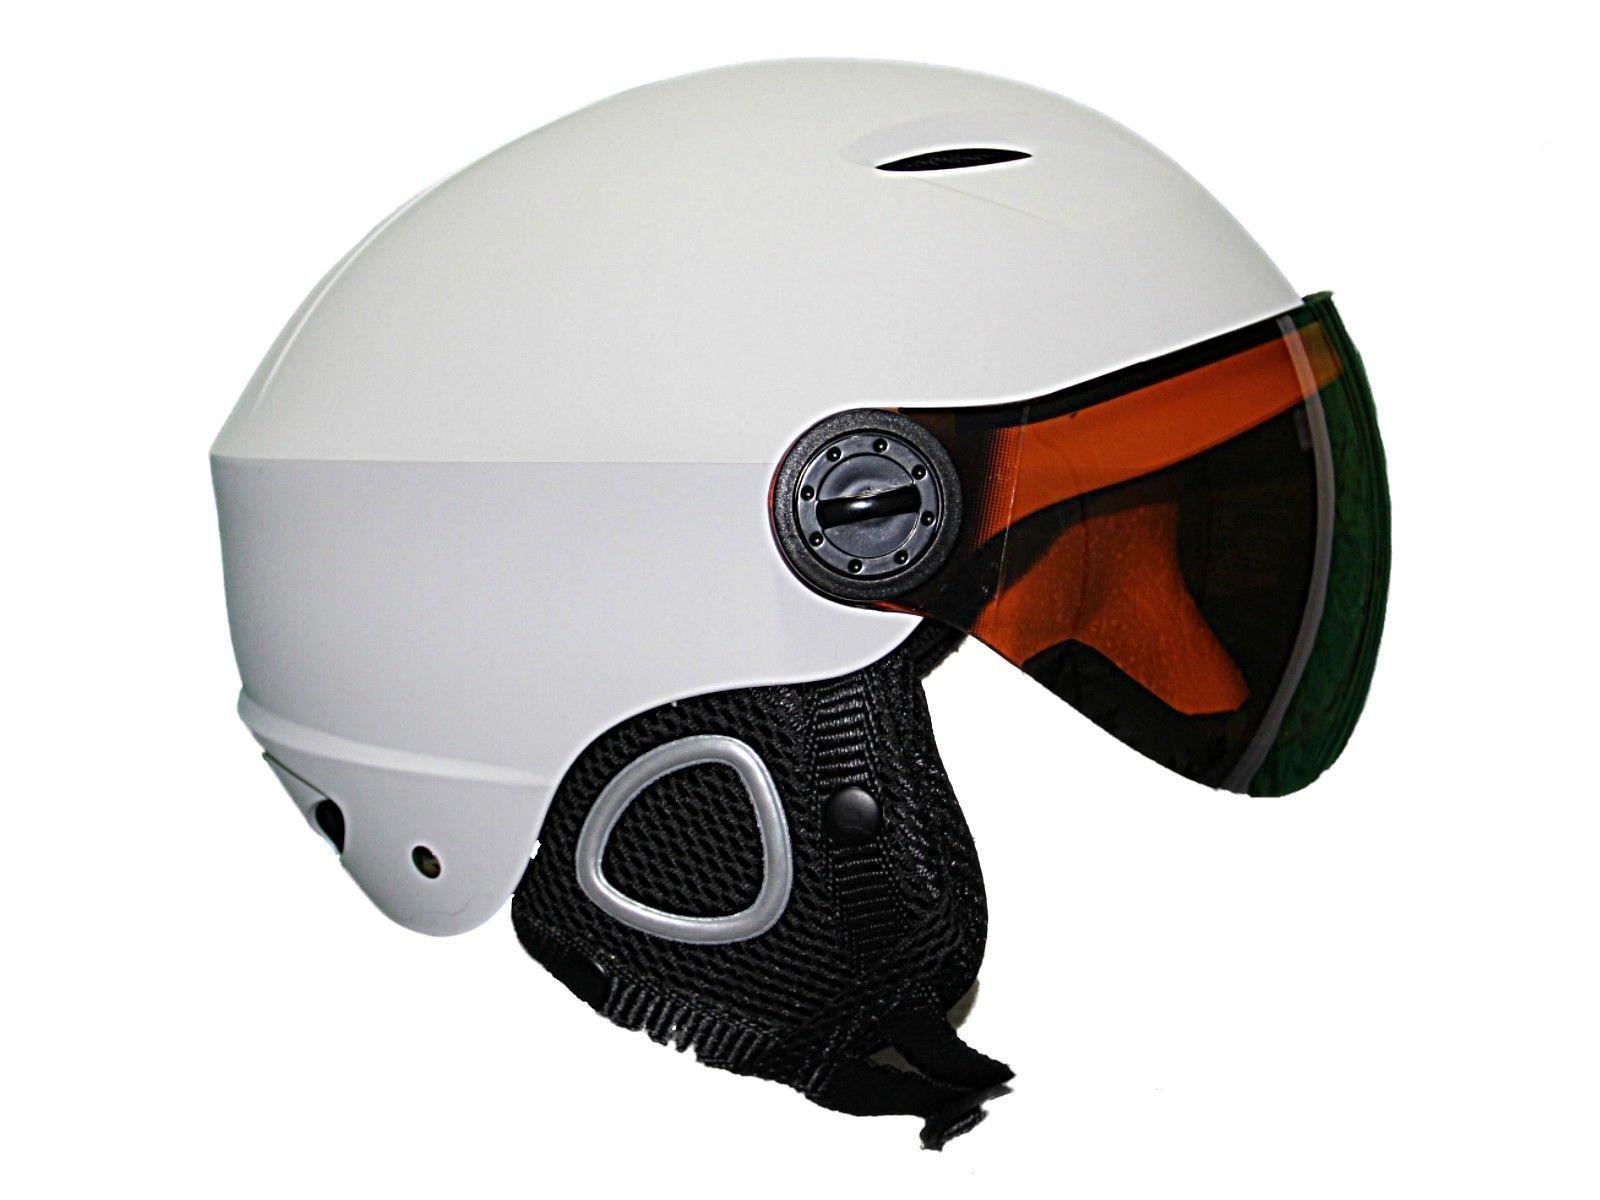 Ski snowboard helmet visor  winter sports Helmet  Integrated lens visor white  best service